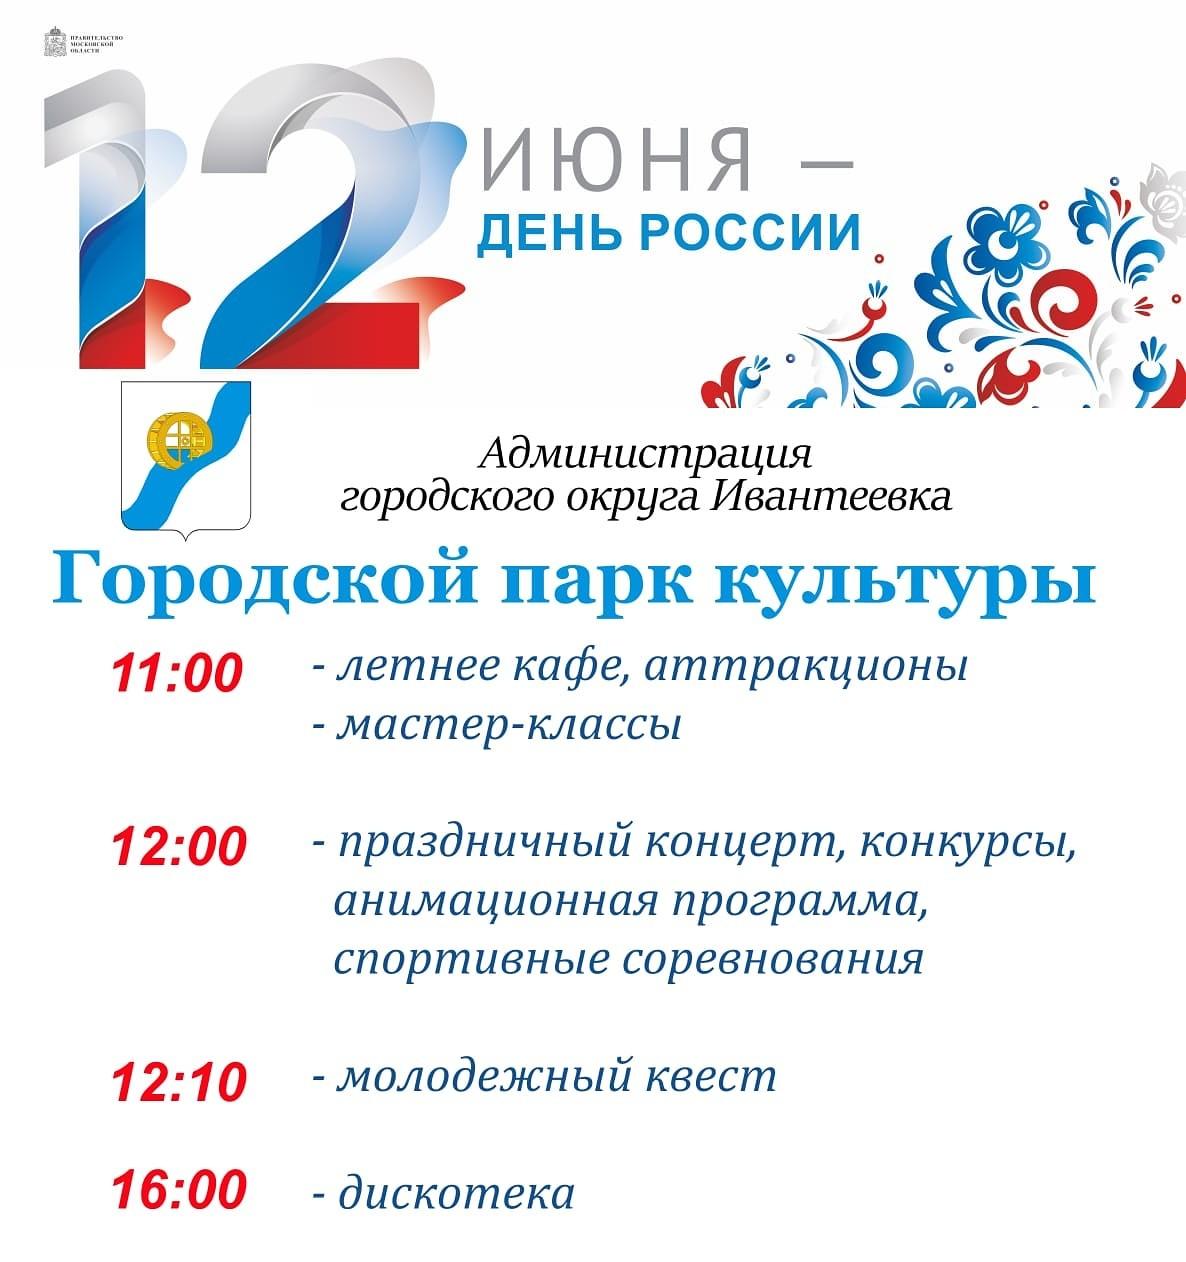 Программа мероприятий 12 июня